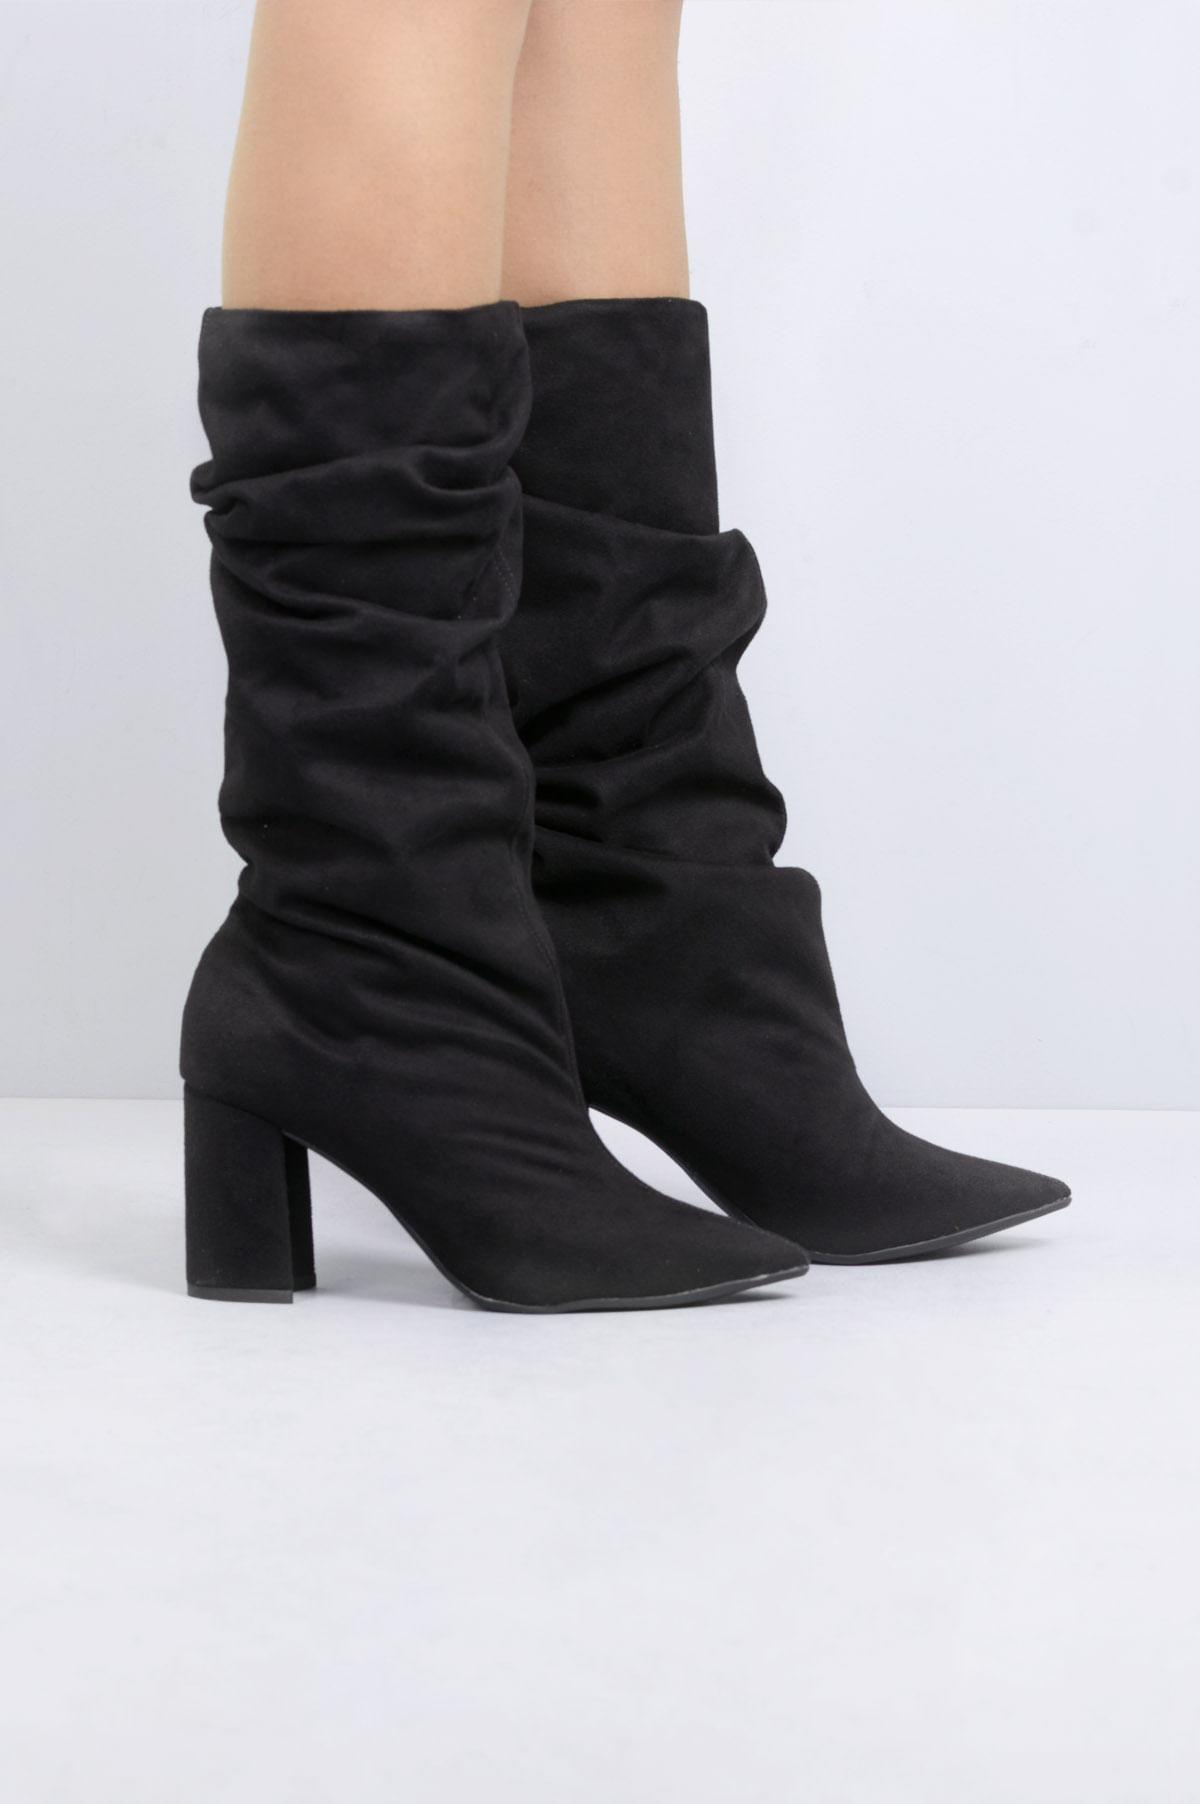 87735d3ce75 Bota Feminina Salto Alto Beatrice Mundial CAM - PRETO - Mundial Calçados